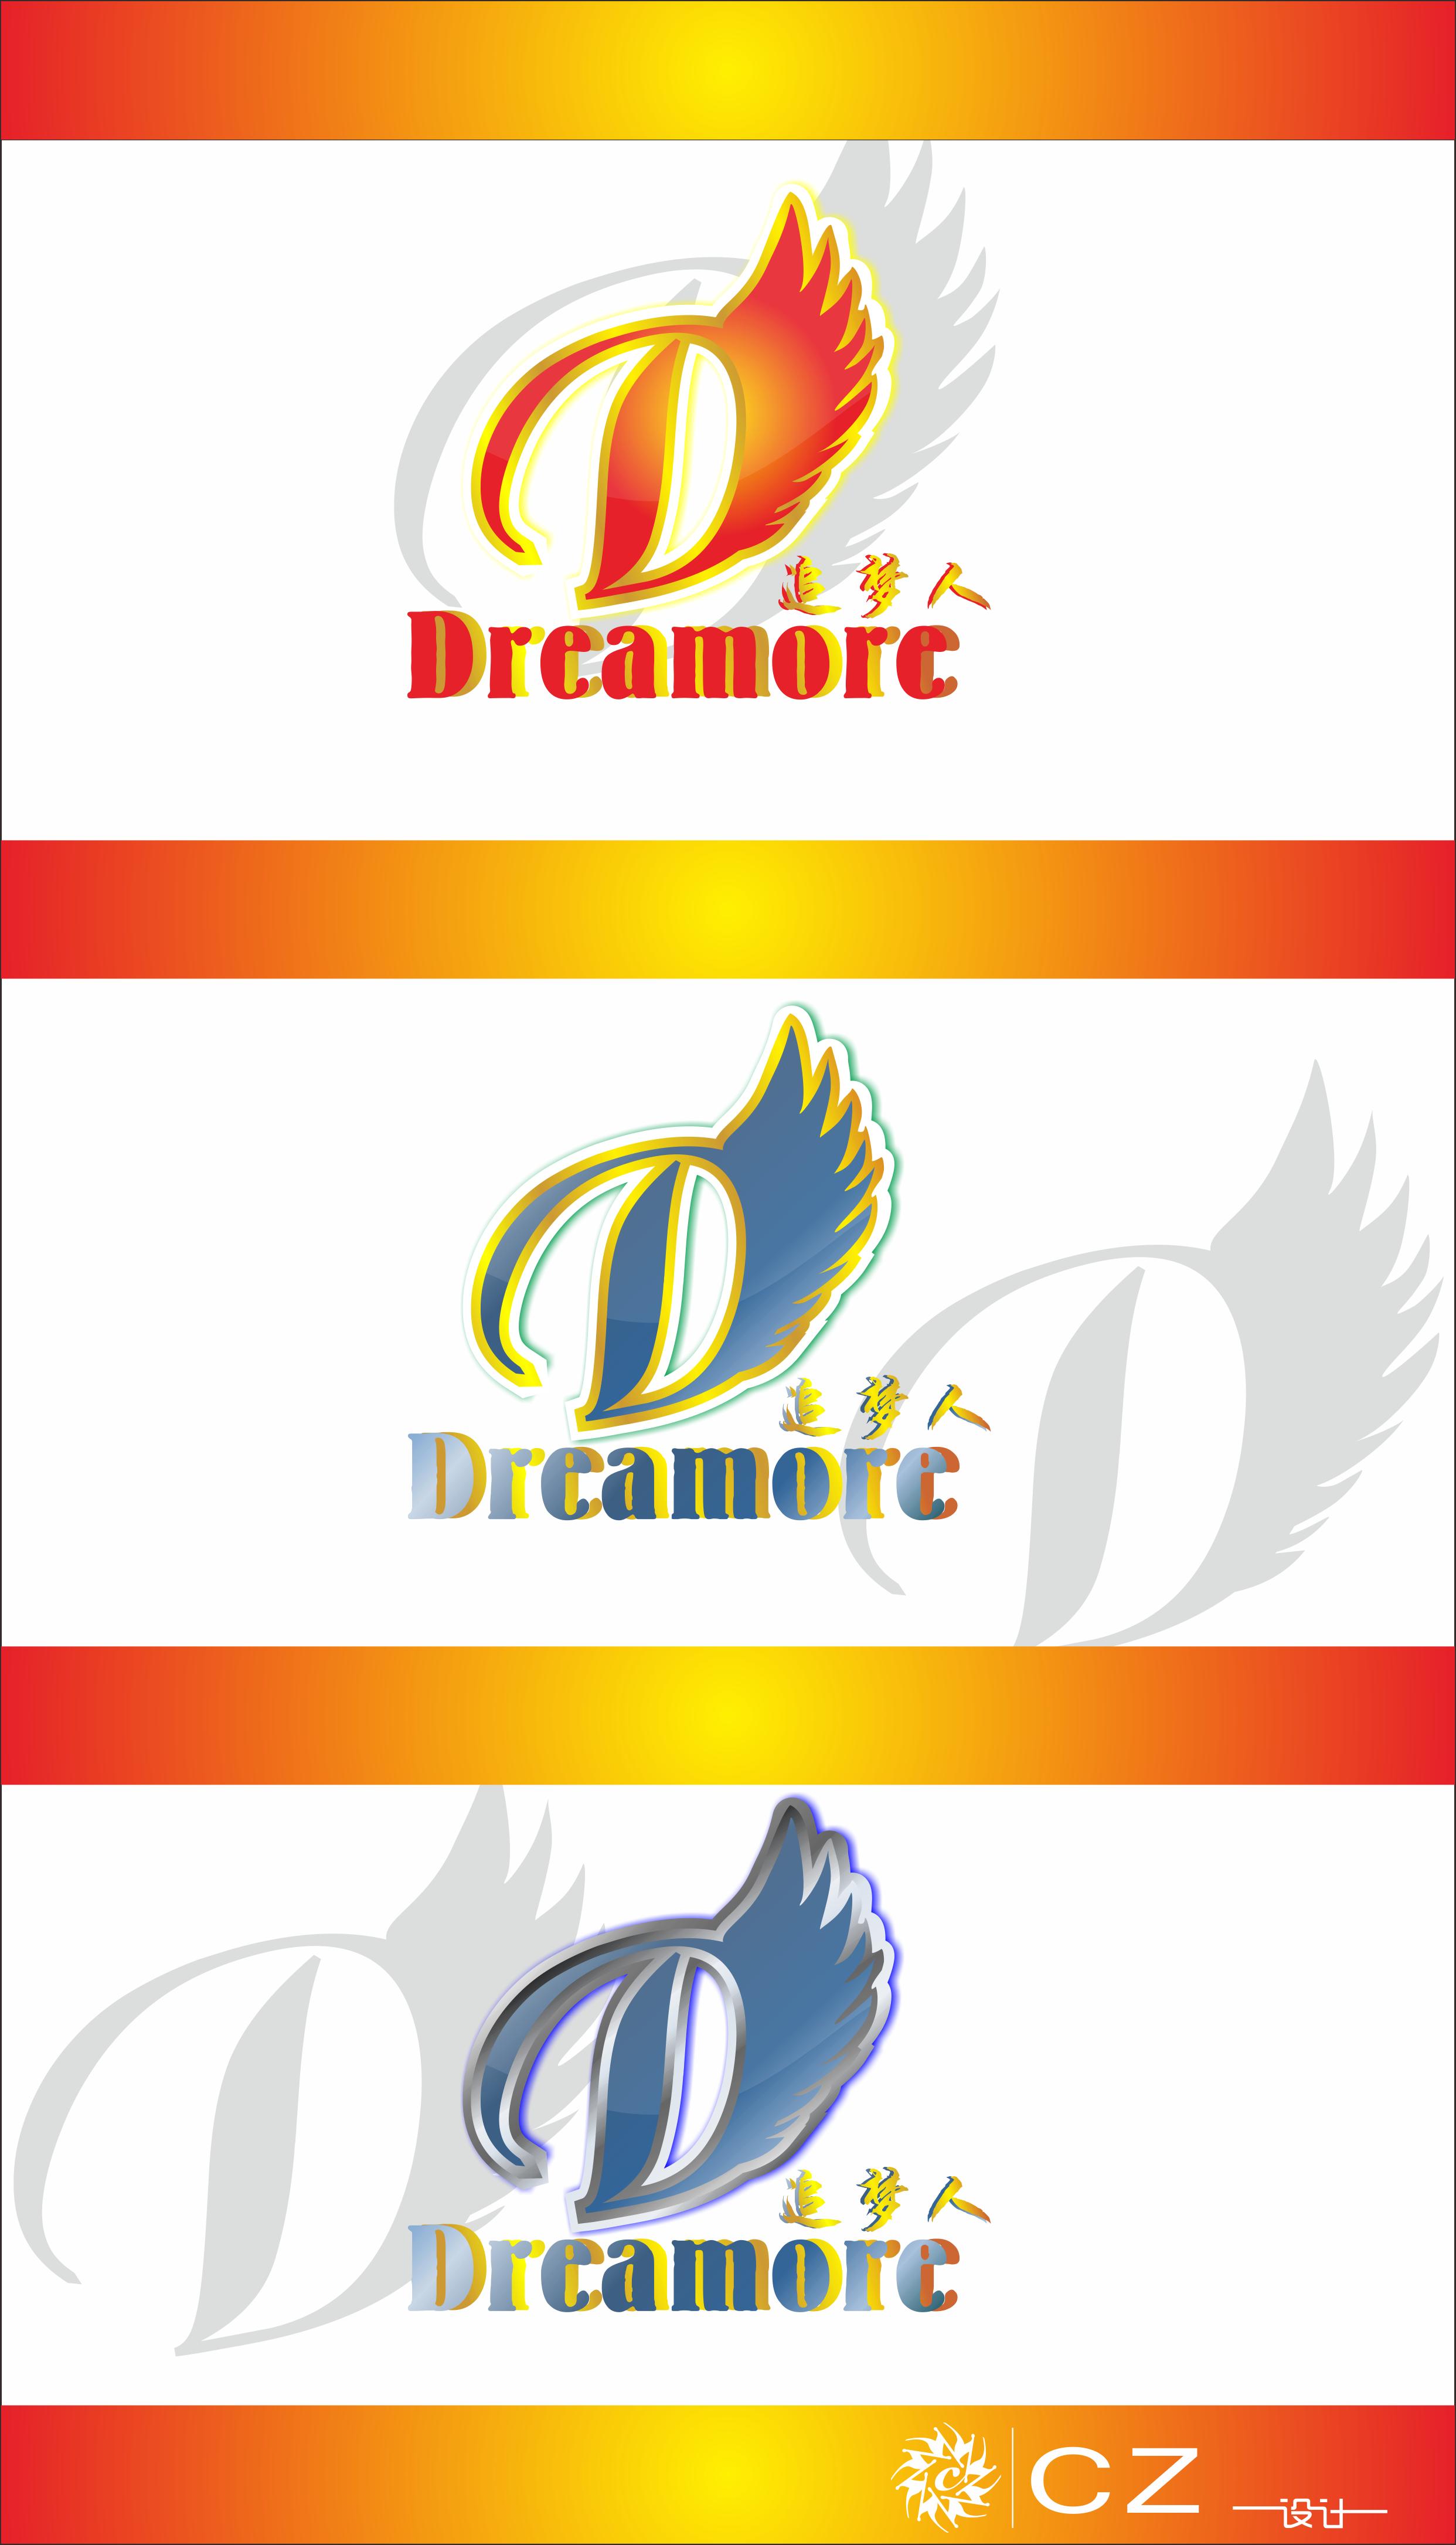 团队logo设计【参与时间从后到前入围稿件】